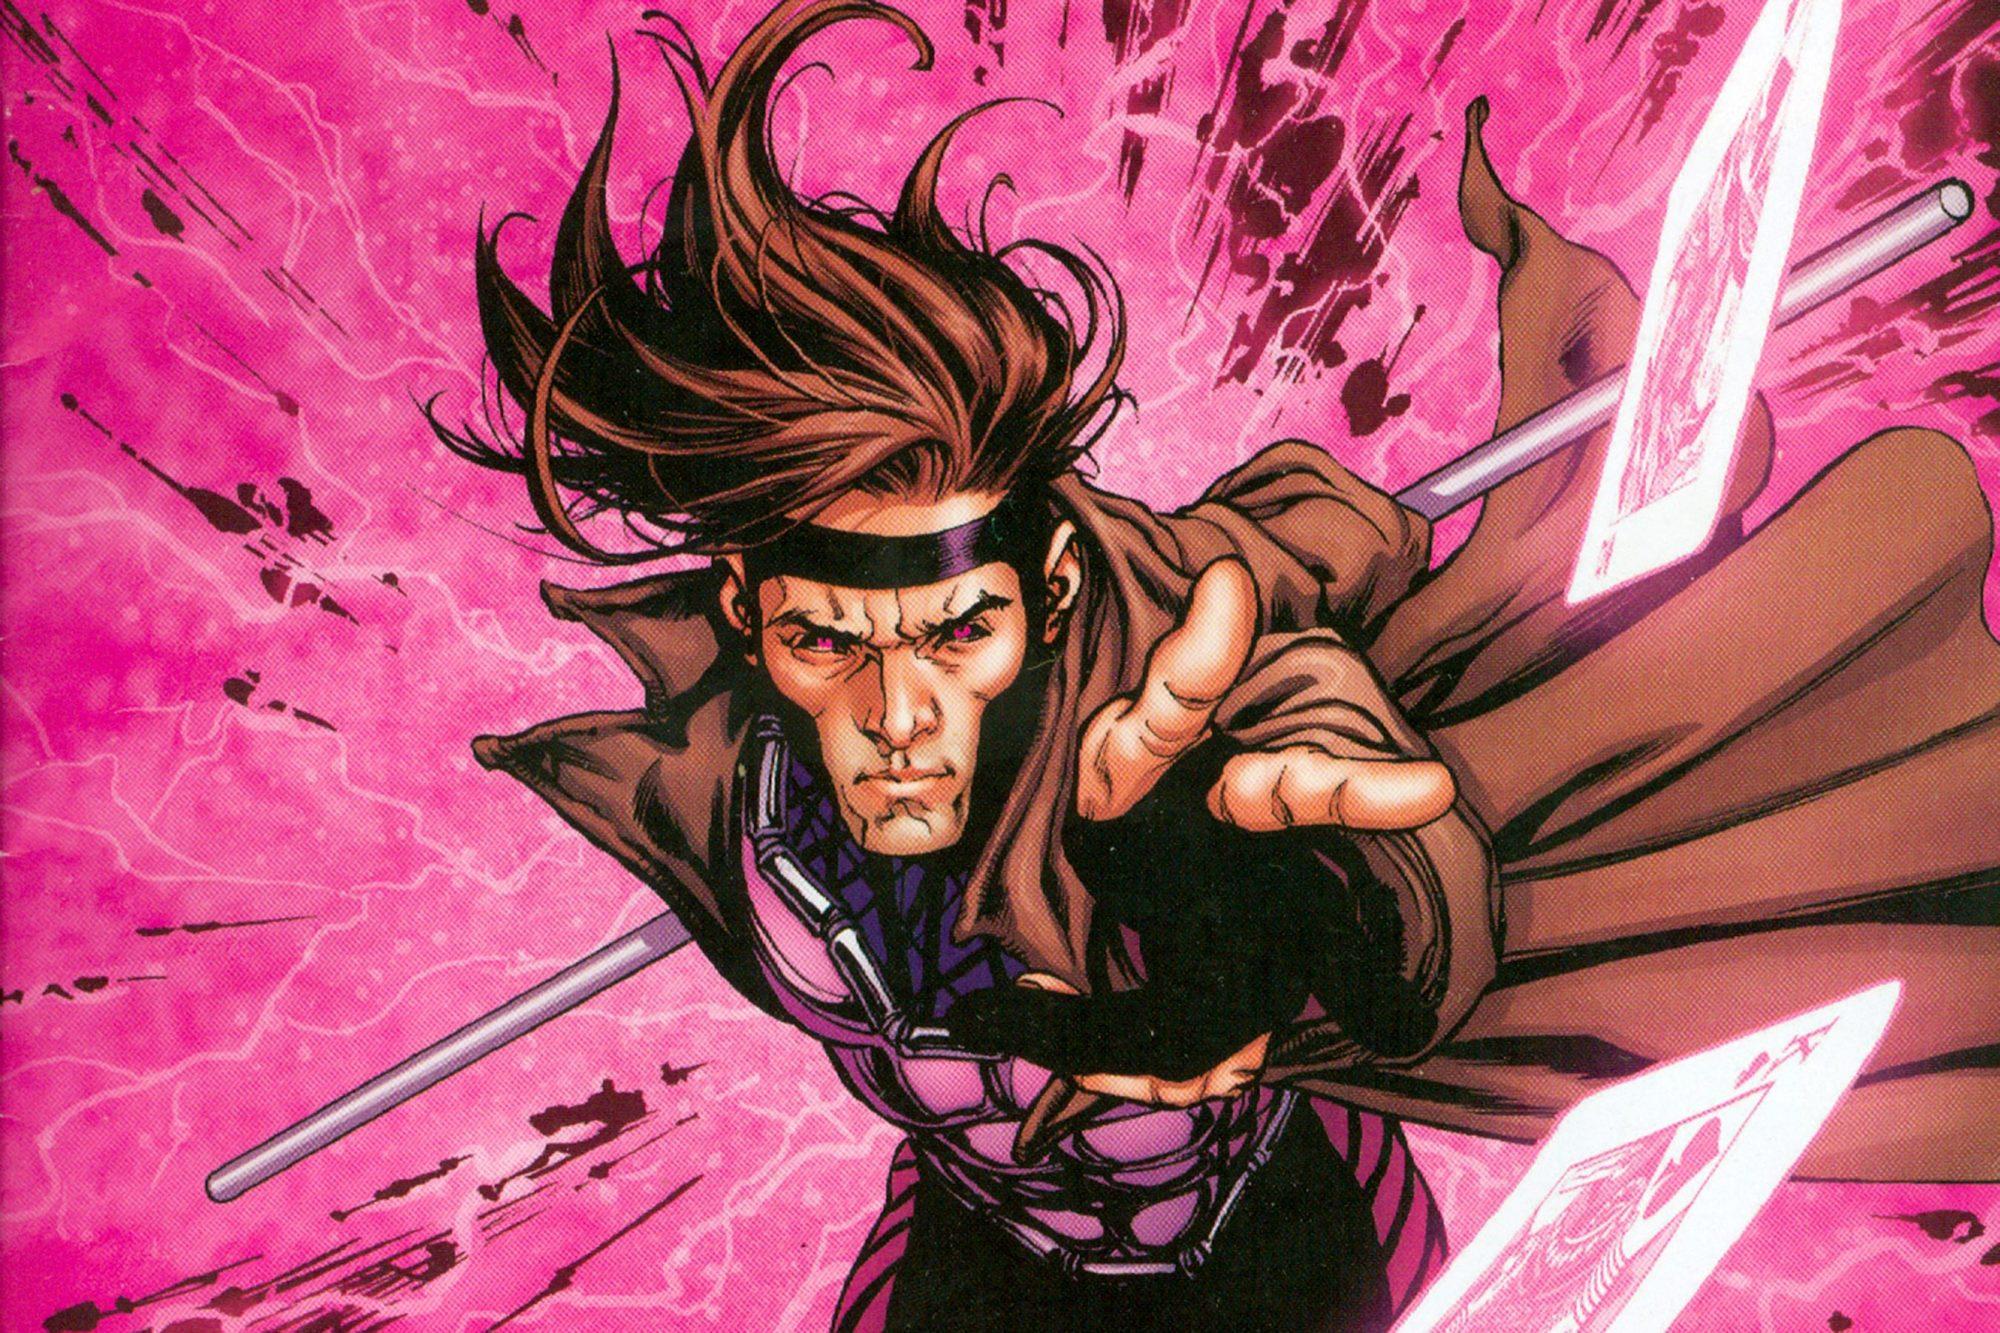 X-Men Origins Comic: Gambit (2009)